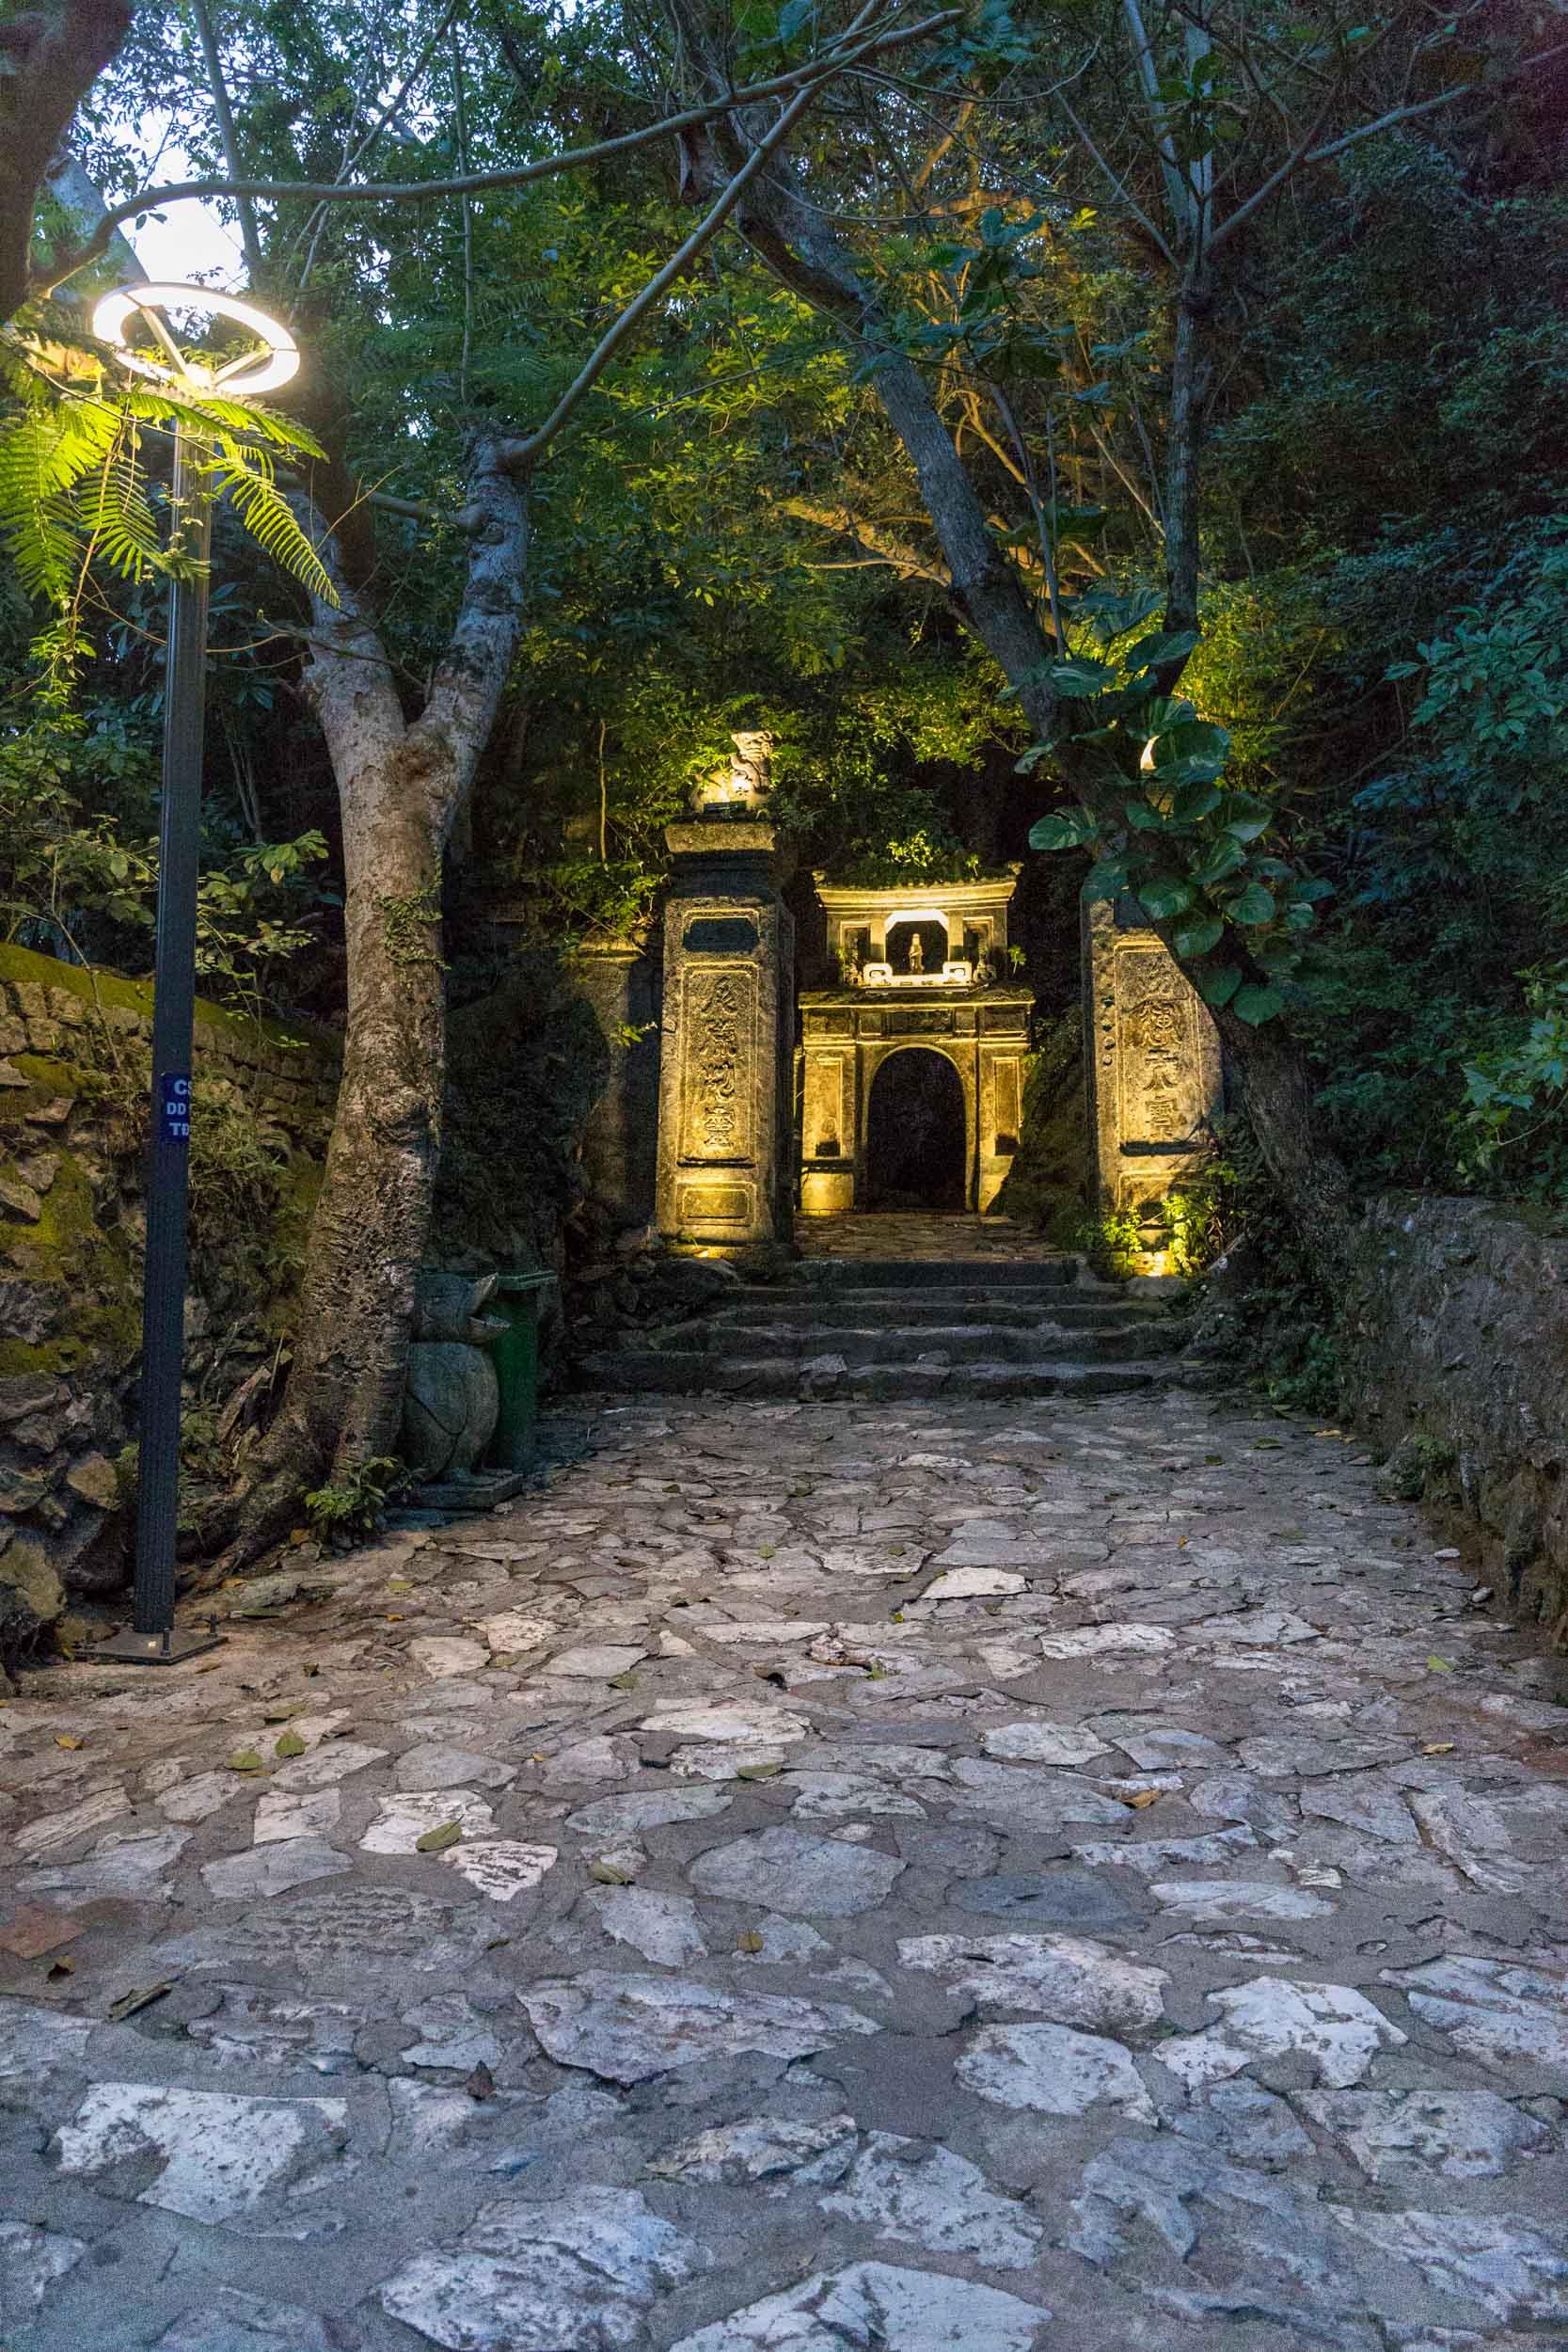 Cave entrance Marble Mountain Da Nang, Vietnam.